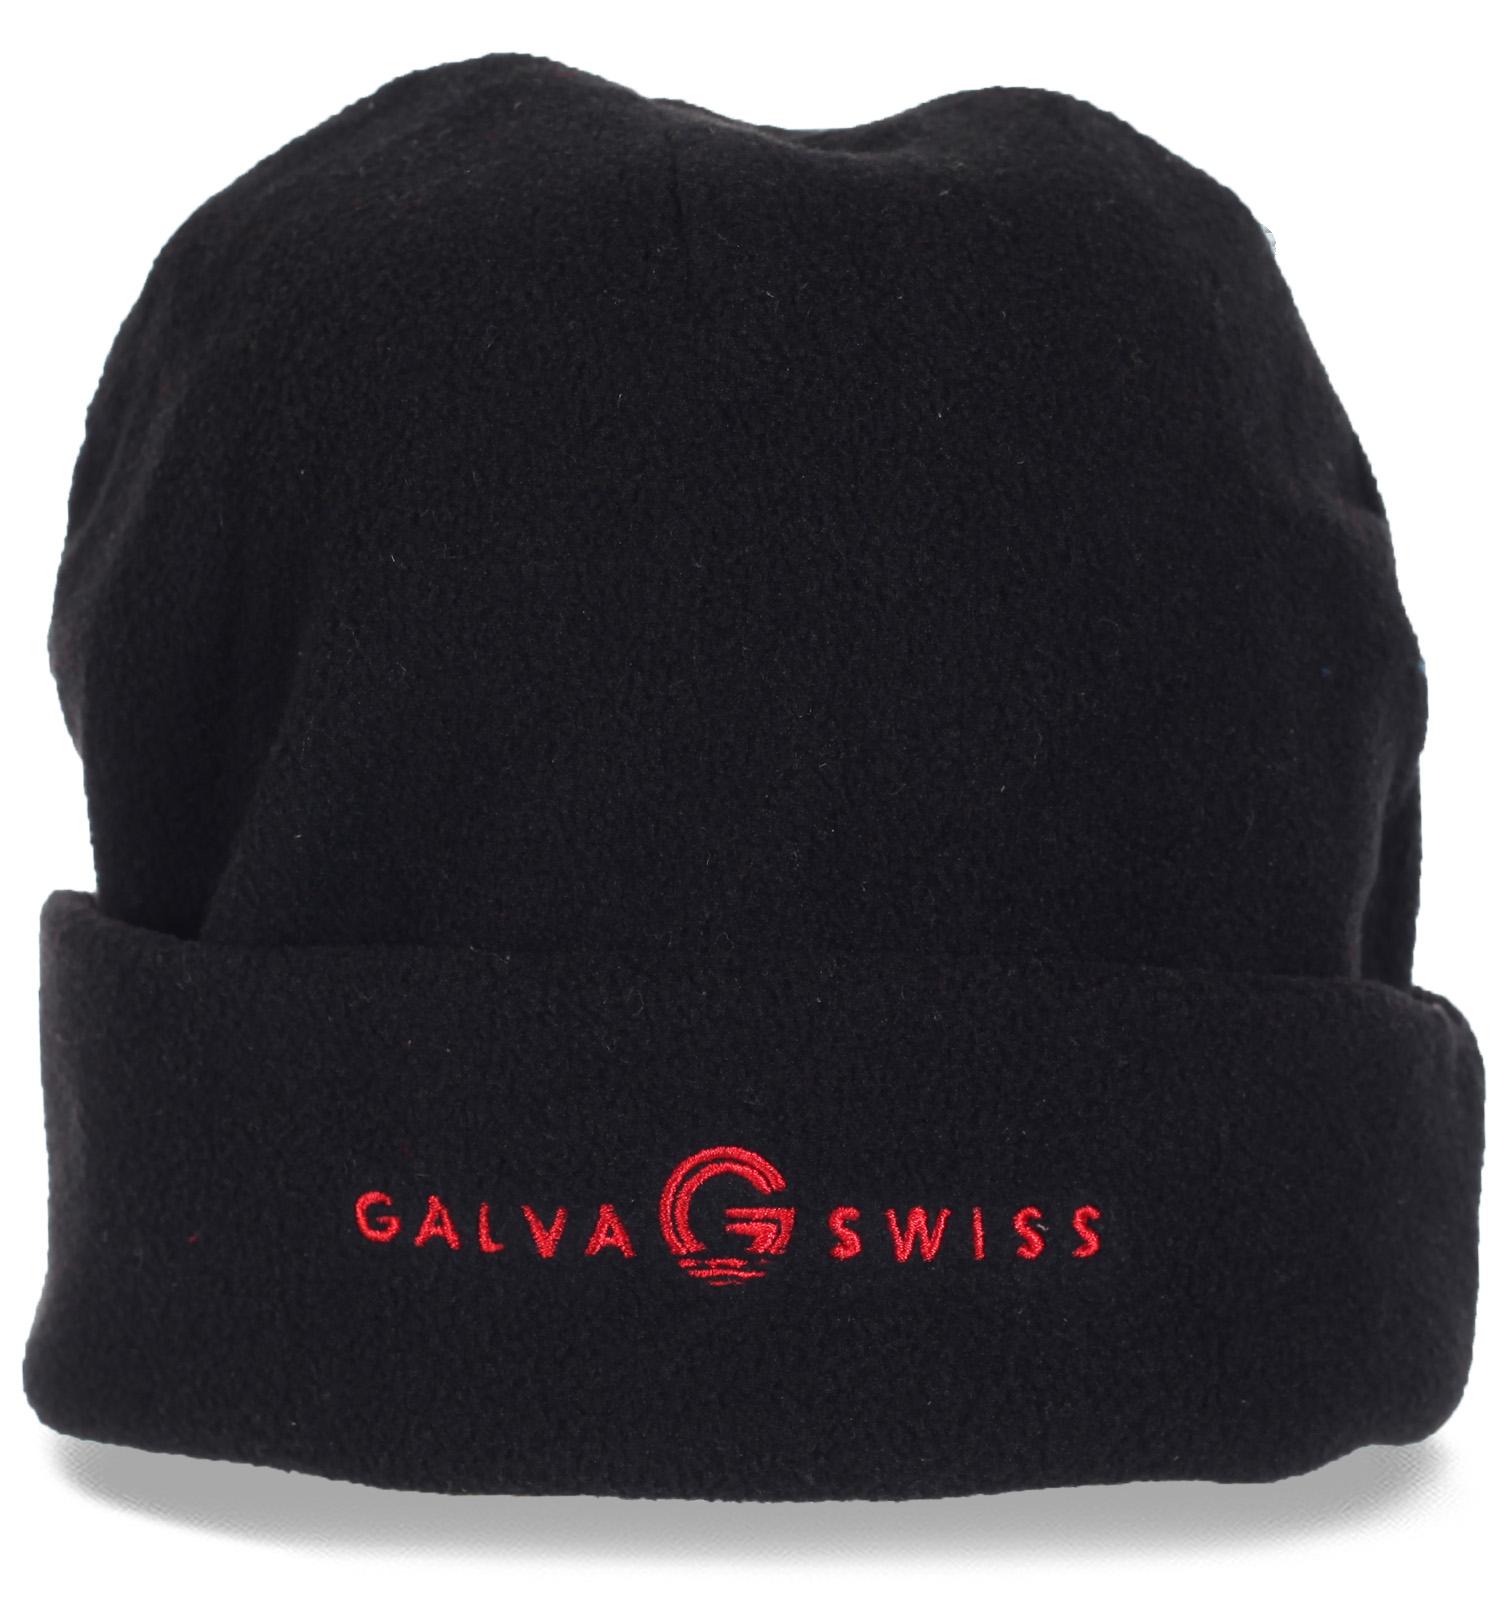 Теплая флисовая мужская шапка Galva Swiss утепленная флисом. Отменная защита твоего здоровья в морозные холода